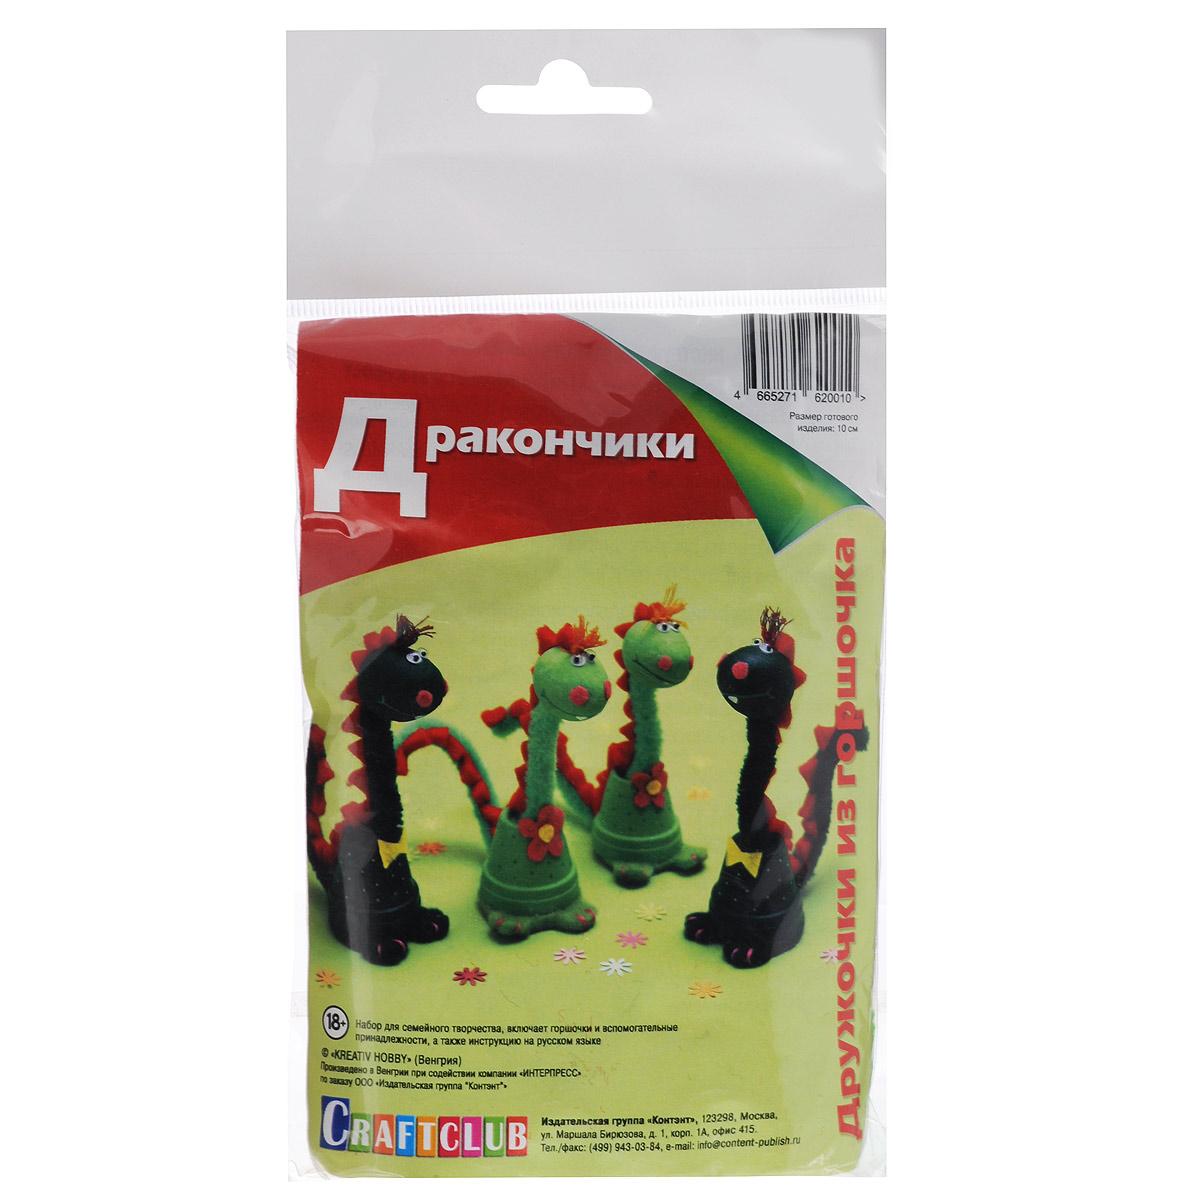 Набор для изготовления игрушек Craftclub Дракончики, 4 шт купить аксессуары для изготовления постижерных изделий